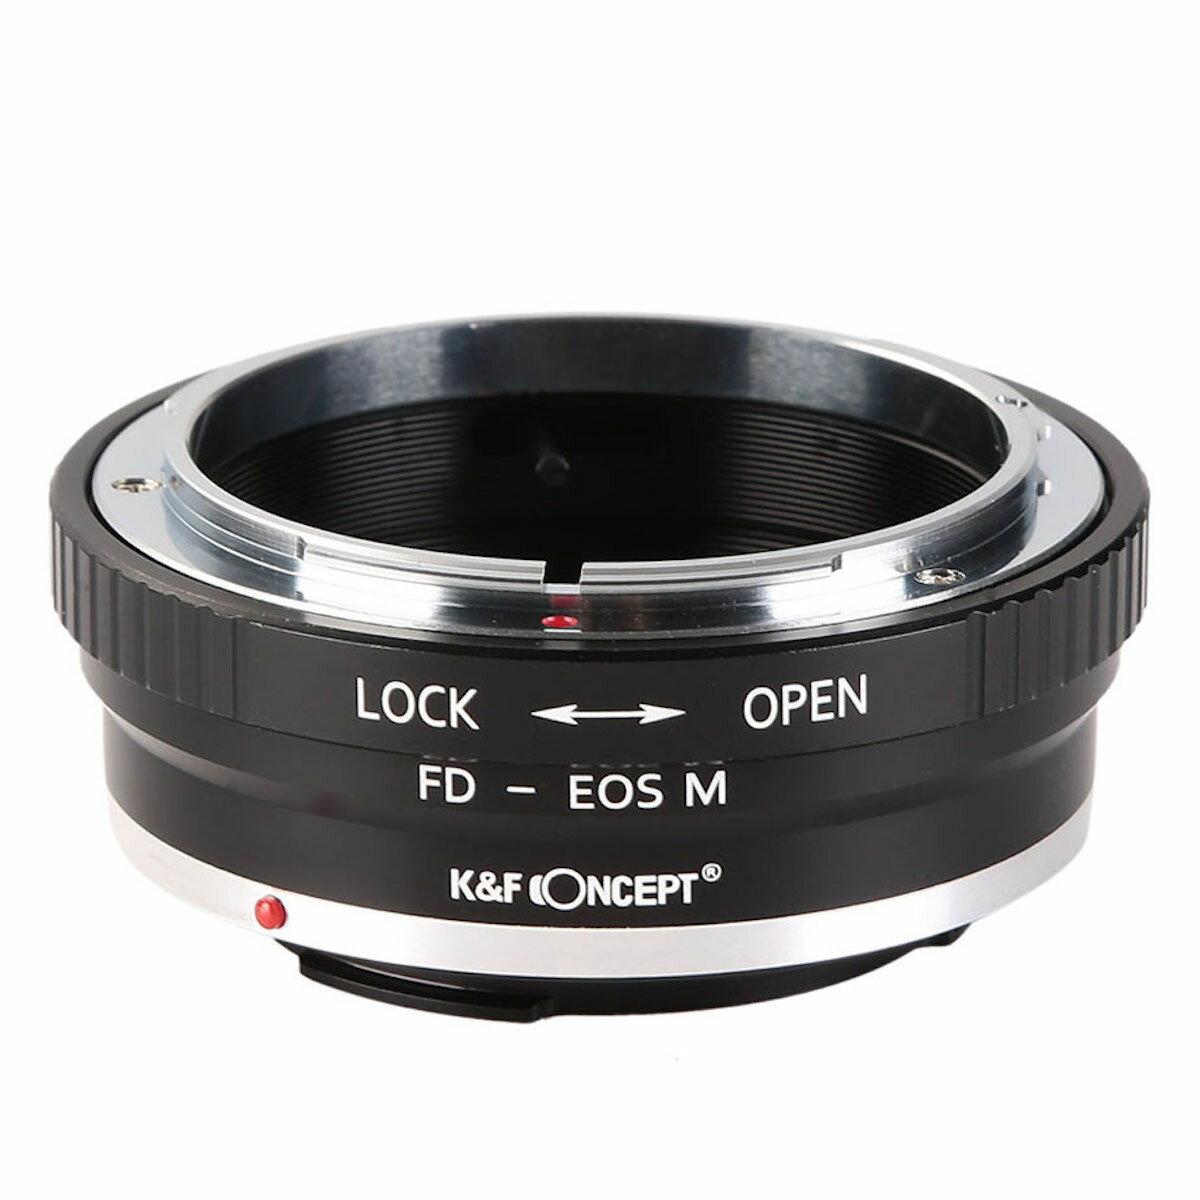 カメラ・ビデオカメラ・光学機器, カメラ用交換レンズ KF Concept KF-FDEM (FD EF-M